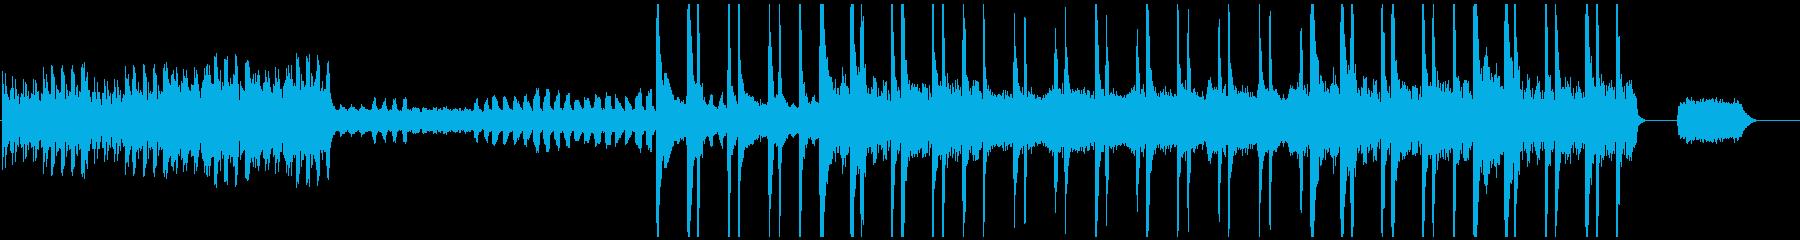 ほのぼのとしたどこか不思議なオーケストラの再生済みの波形